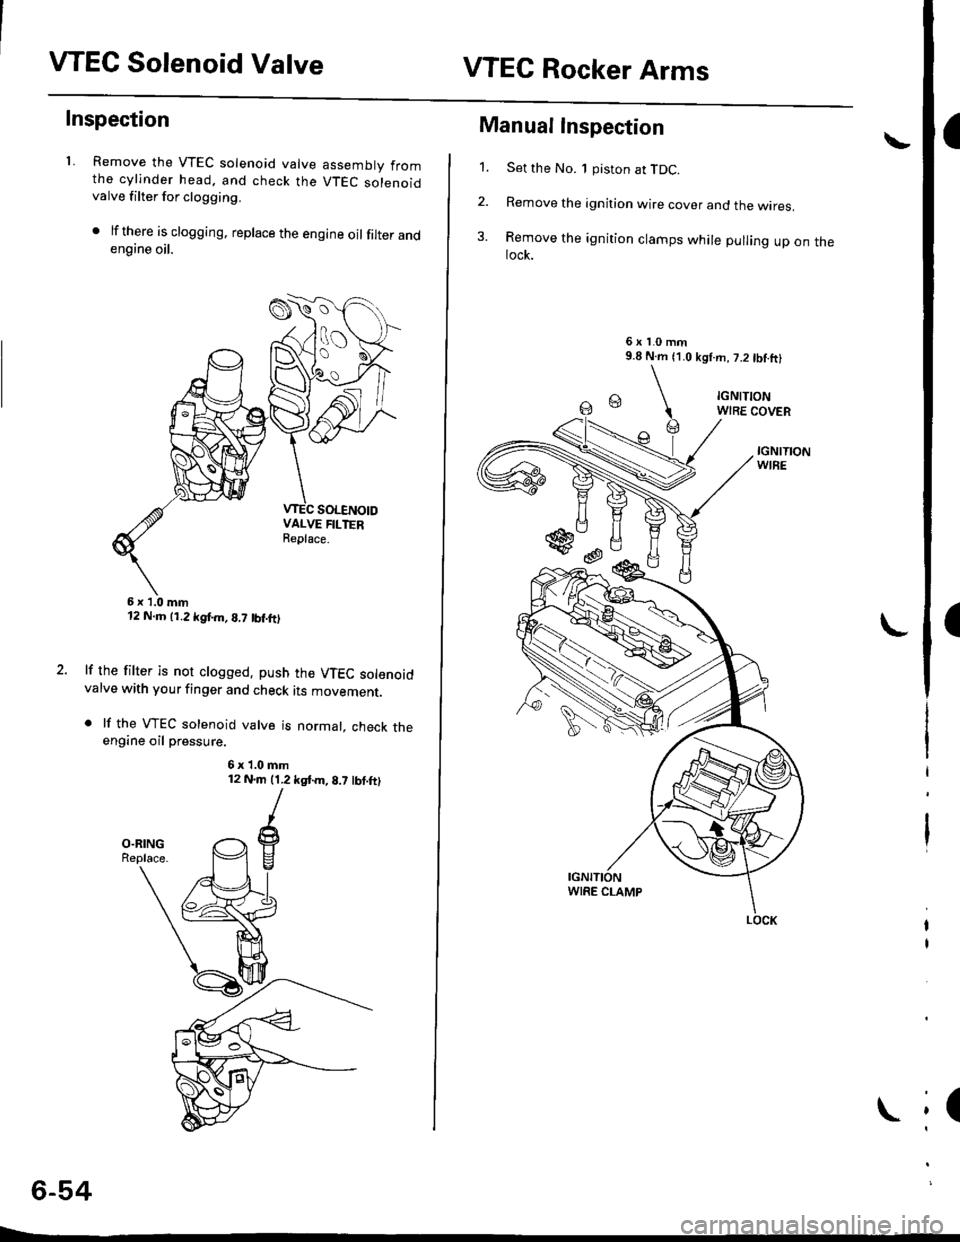 Honda Civic 1997 6g Workshop Manual Wiring Vtec Solenoid Page 164 Valvevtec Rocker Arms